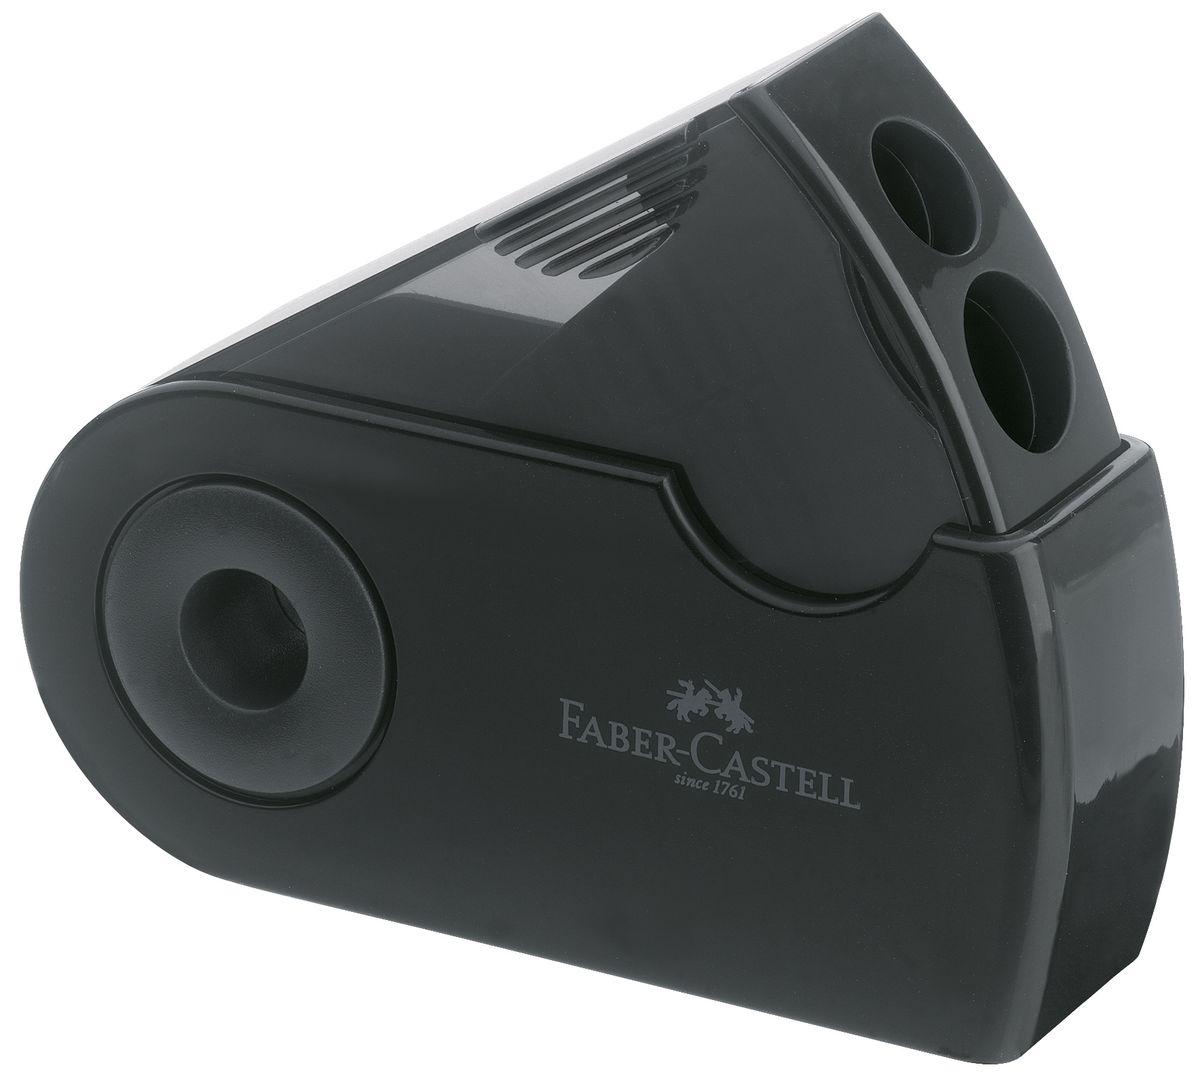 Faber-Castell Точилка двойная Sleeve цвет черный182700Двойная точилка Faber-Castell Sleeve выполнена из прочного пластика.В точилке имеются два отверстия для карандашей разного диаметра. Подходит для различных видов карандашей. Эргономичная форма контейнера обеспечивает стабильное положение кисти. Карандаш затачивается легко и аккуратно, а опилки после заточки остаются в специальном контейнере повышенной вместимости.